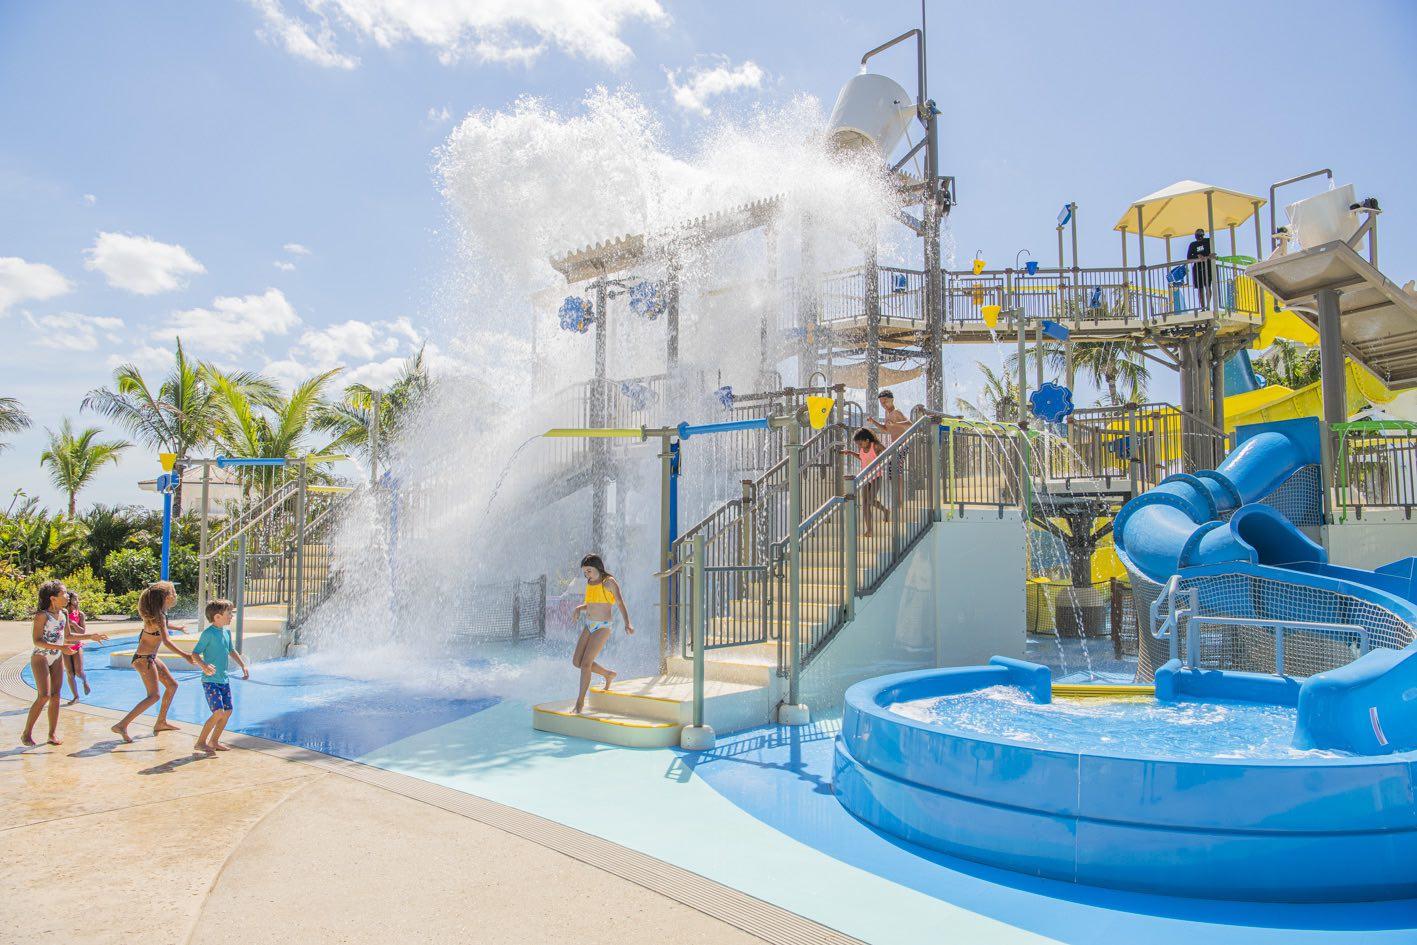 Baha-Bay-Stingray-Cove-Baha-Mar-Resort-Nassau-Bahamas-web